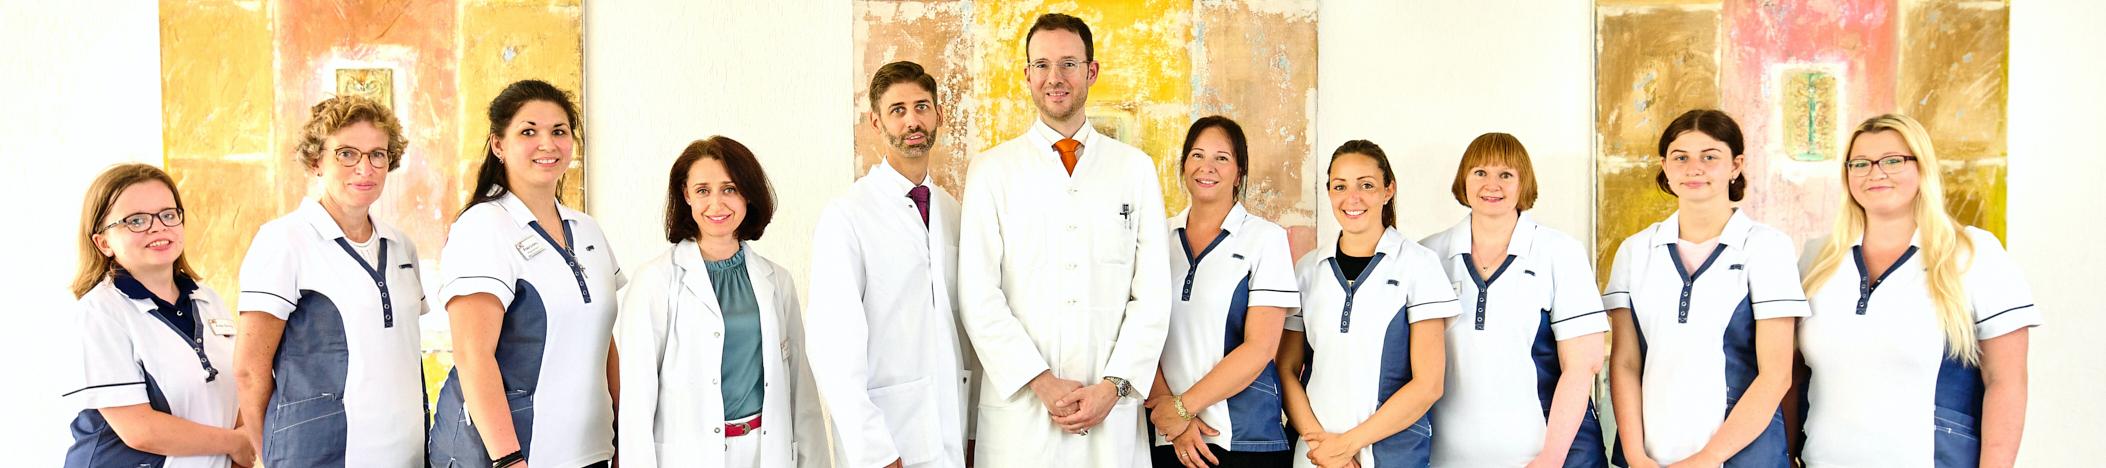 Augenarztpraxis Bonn Team